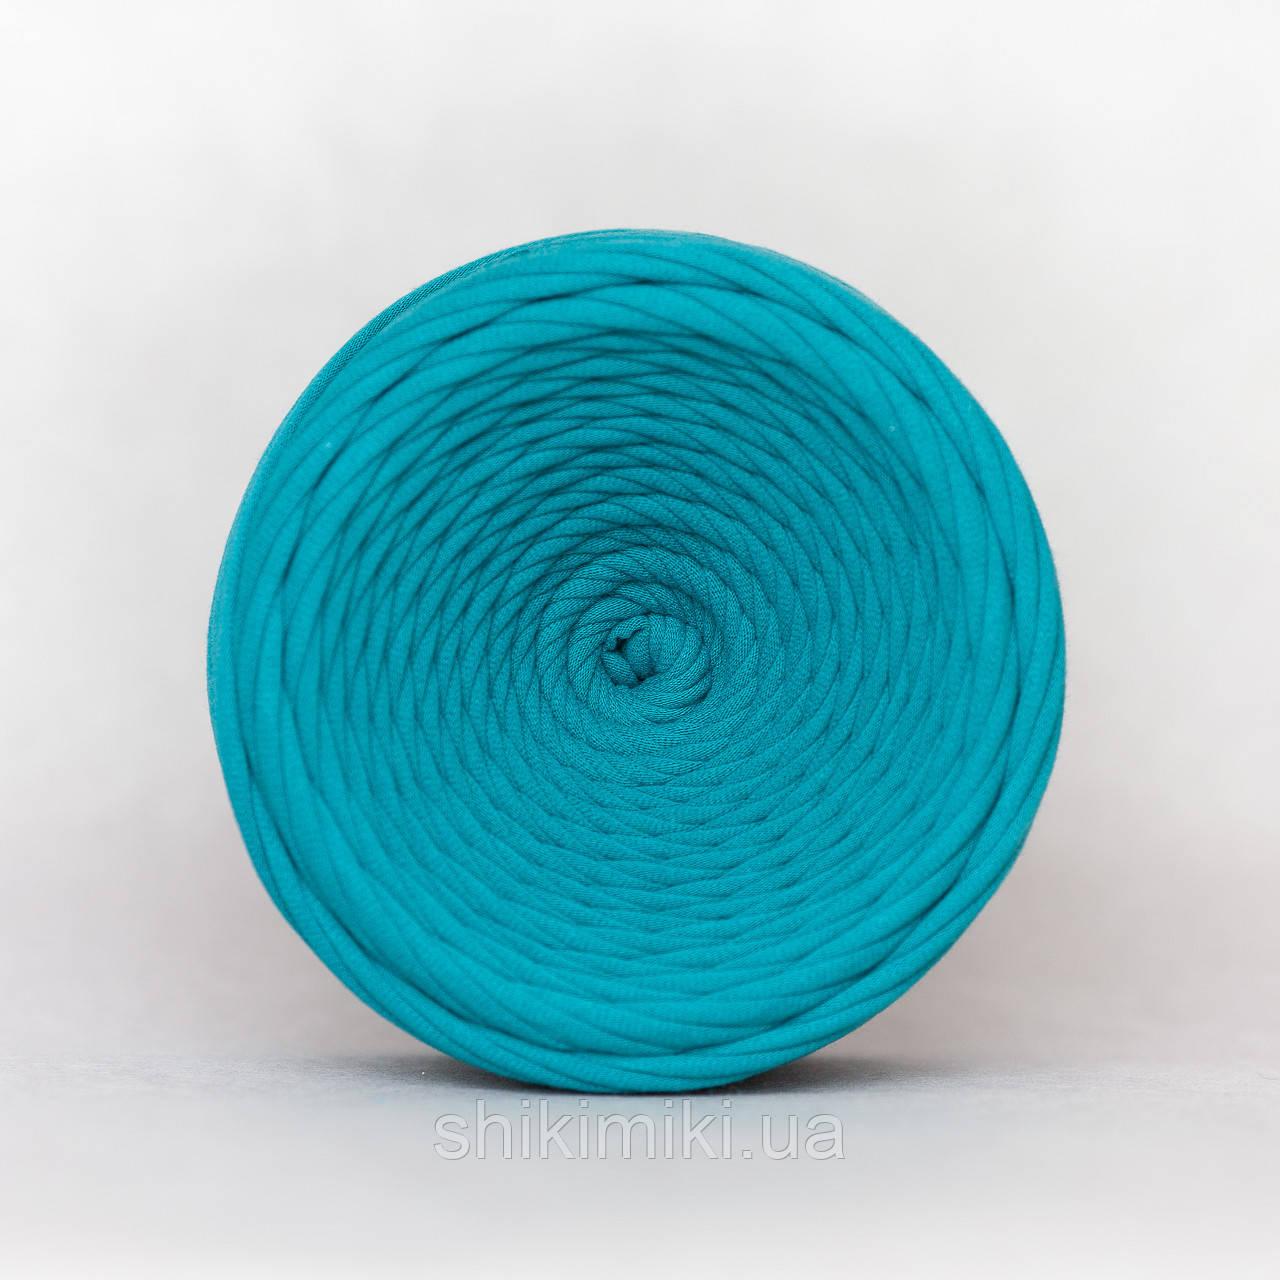 Трикотажная пряжа (50 м), цвет Голубая Лагуна